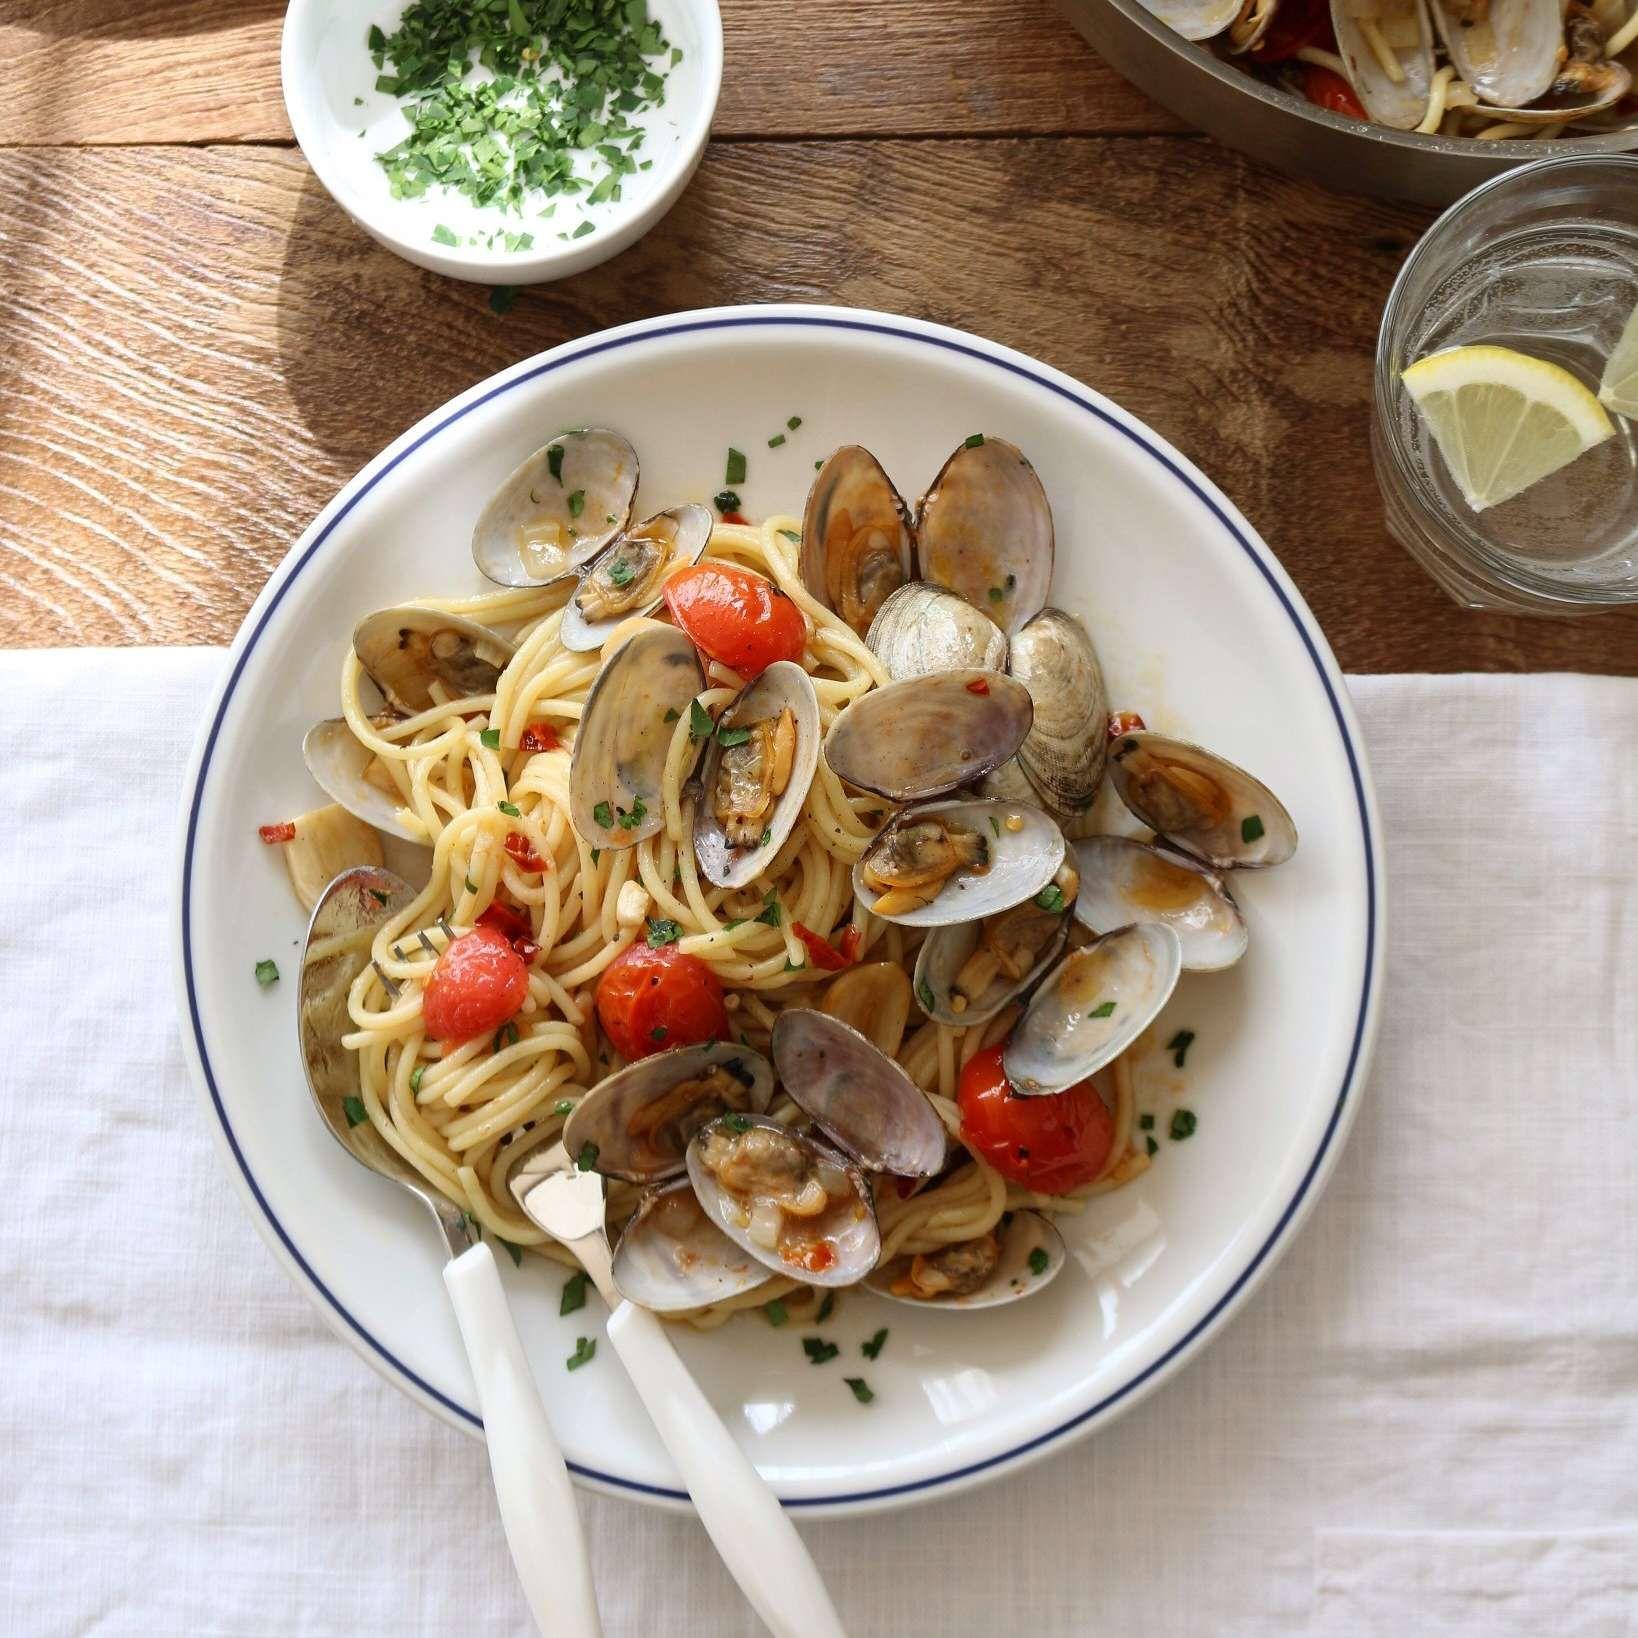 이탈리아어로 조개를 의미하는 봉골레! 바지락을 듬뿍 넣어 감칠맛을 살린 봉골레 파스타를 준비해봤어요. 간단하지만 분위기 있는 식탁을 만들어주는 마법 같은 요리랍니다. 봉골레 파스타로...